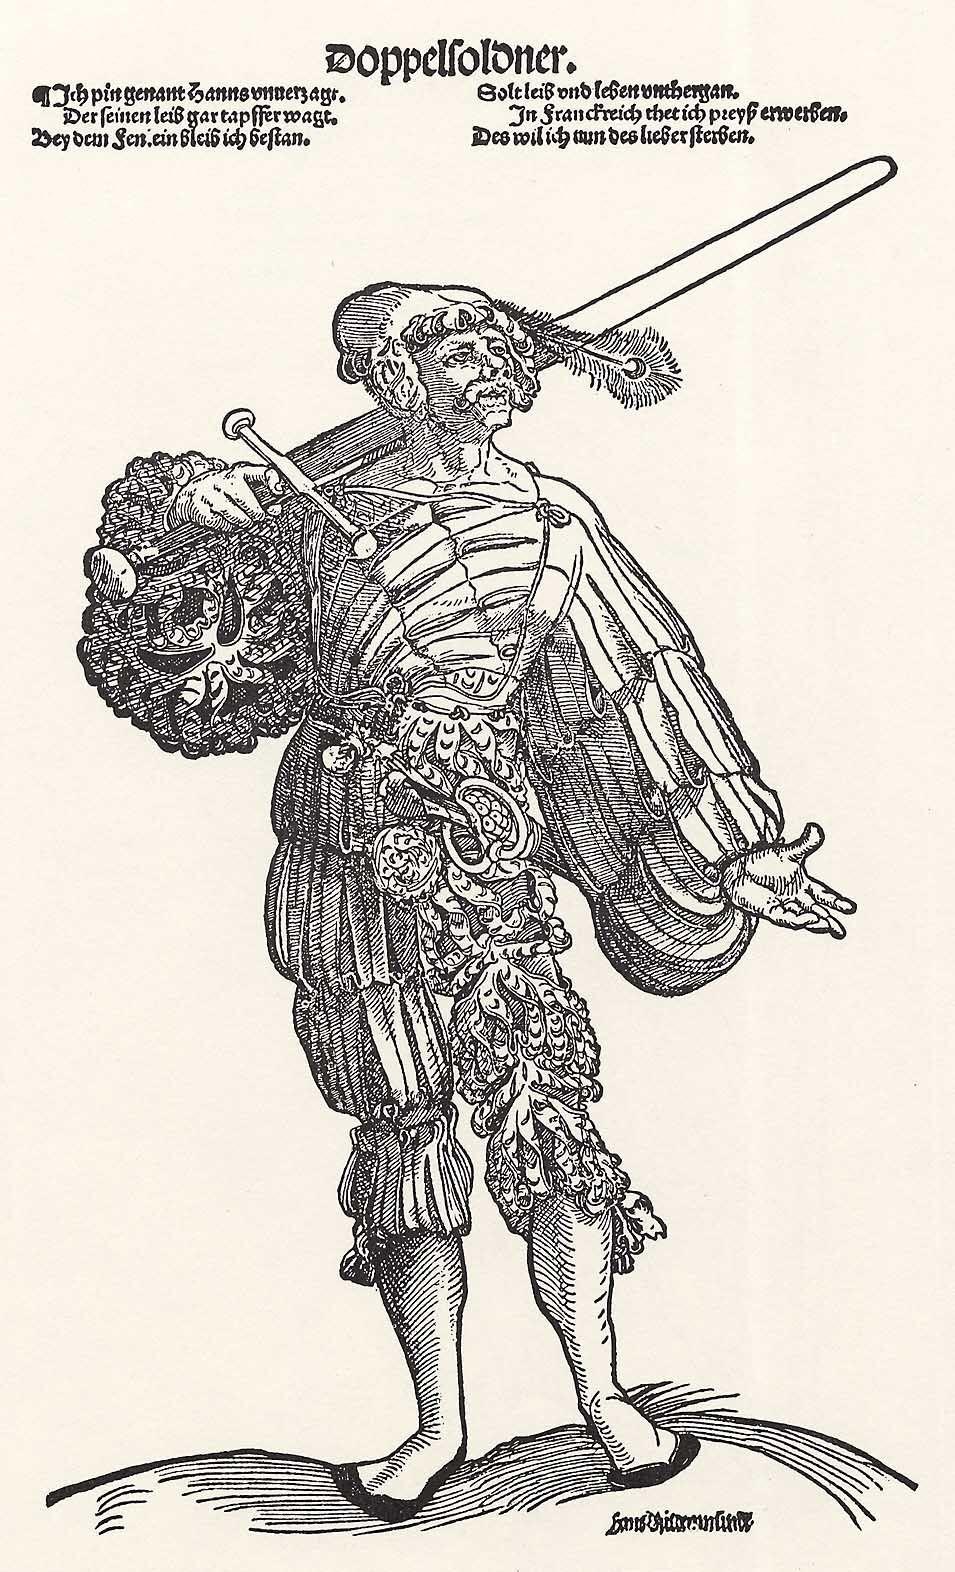 Der Doppelsoldner (um 1536)